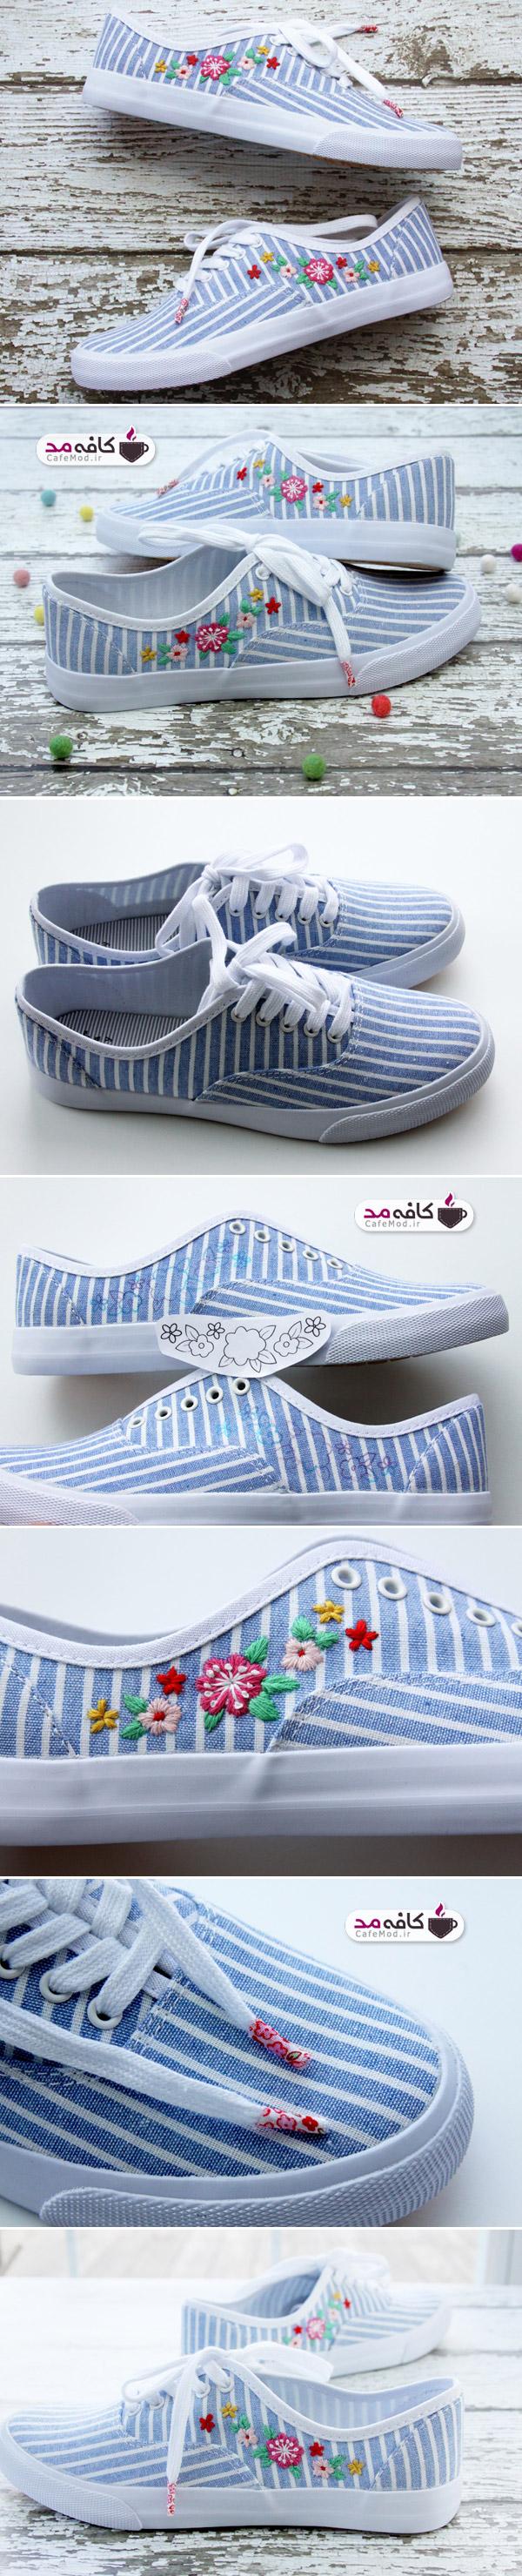 ایده گلدوزی روی کفش